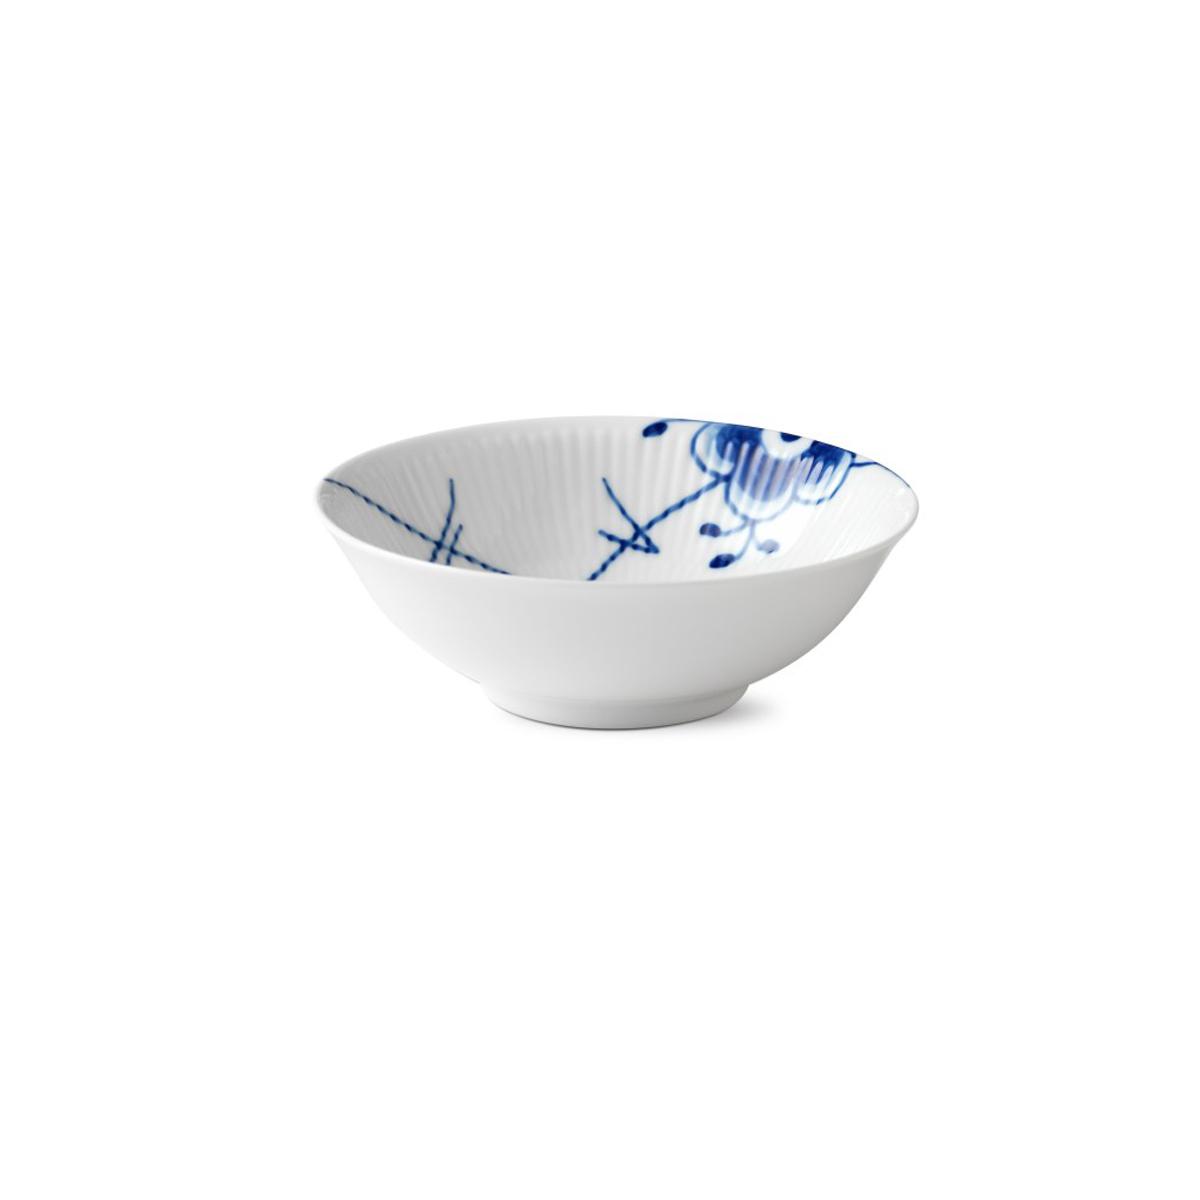 Royal Copenhagen, Blue Fluted Mega Cereal Bowl 11.75oz.